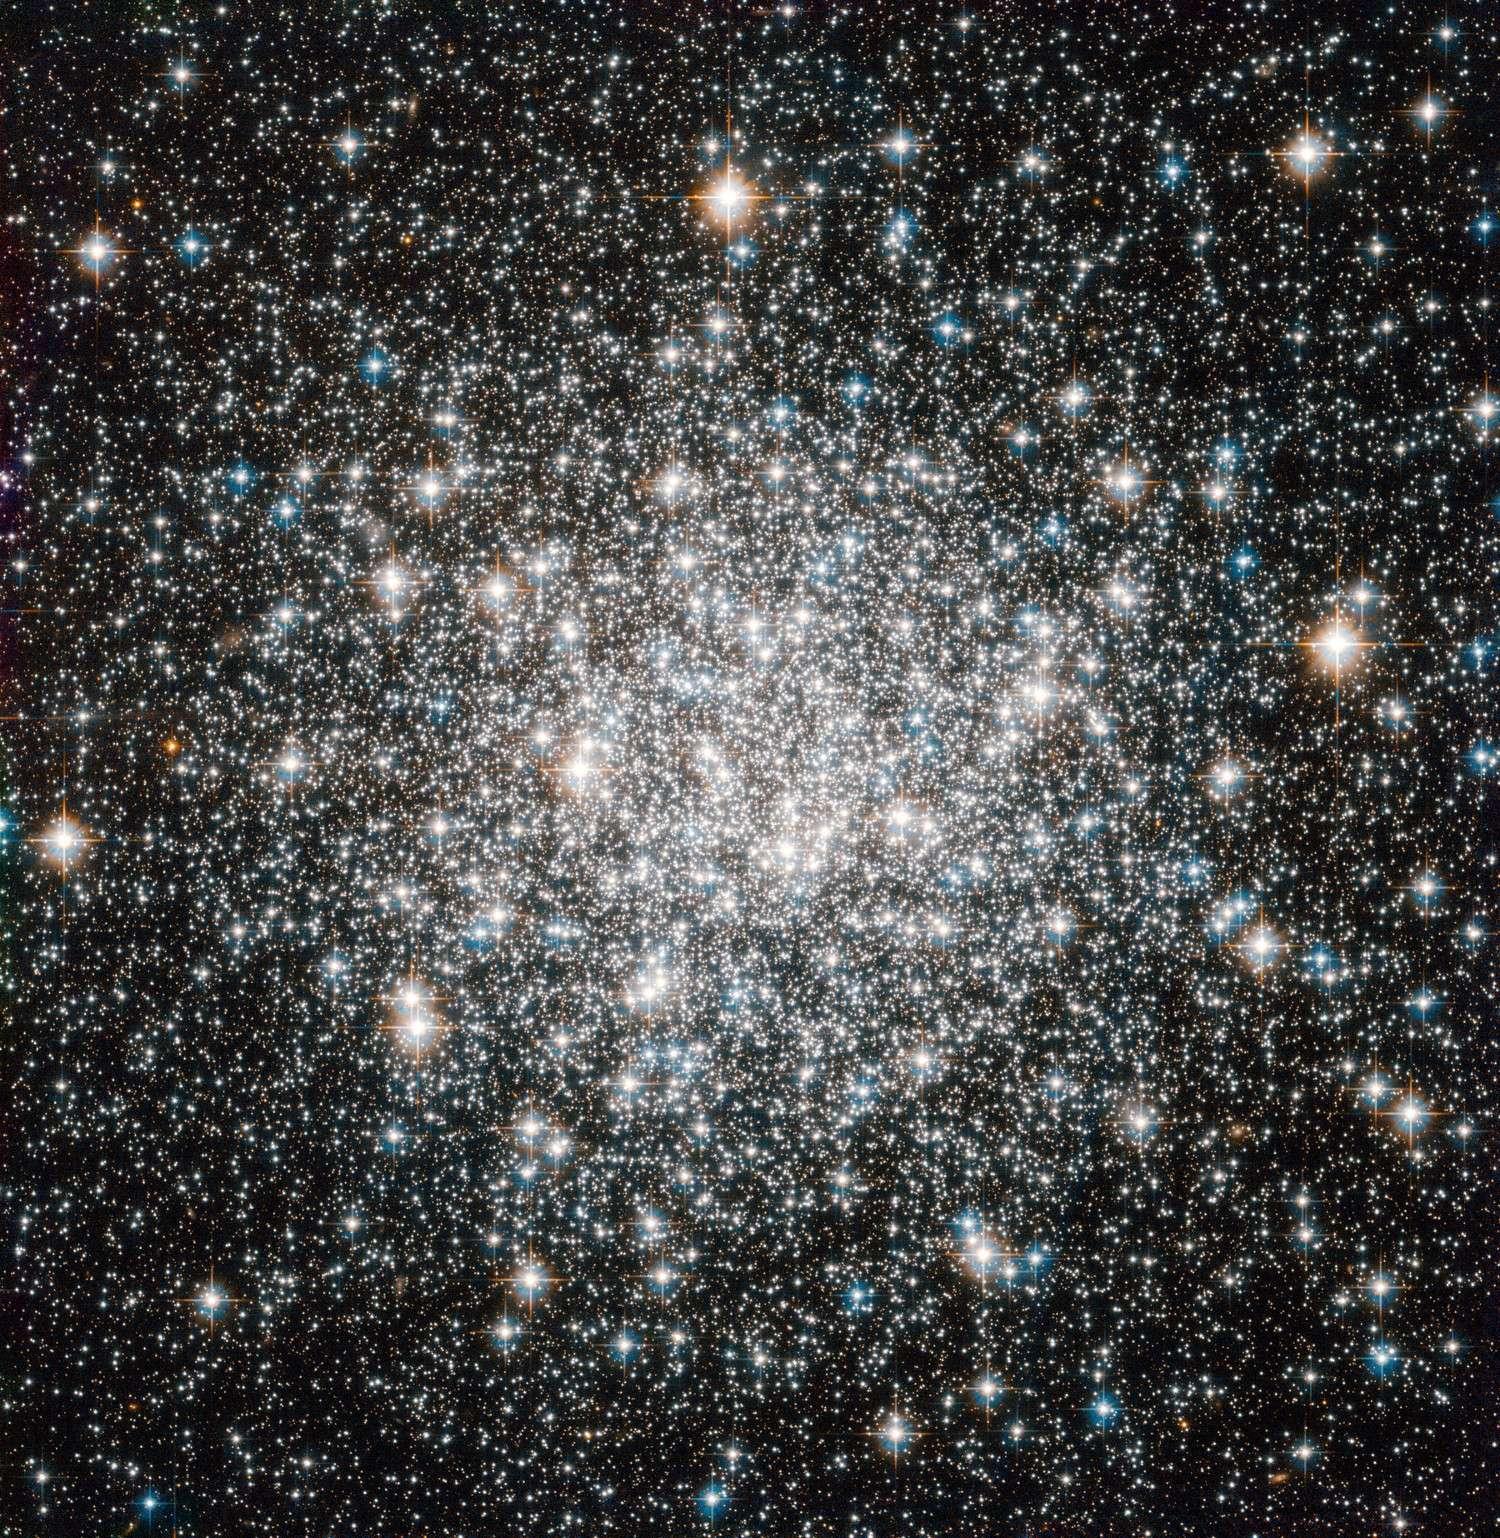 L'amas globulaire Messier 68, nouvelle cible du télescope spatial américain Hubble. © Nasa, Esa, Hubble